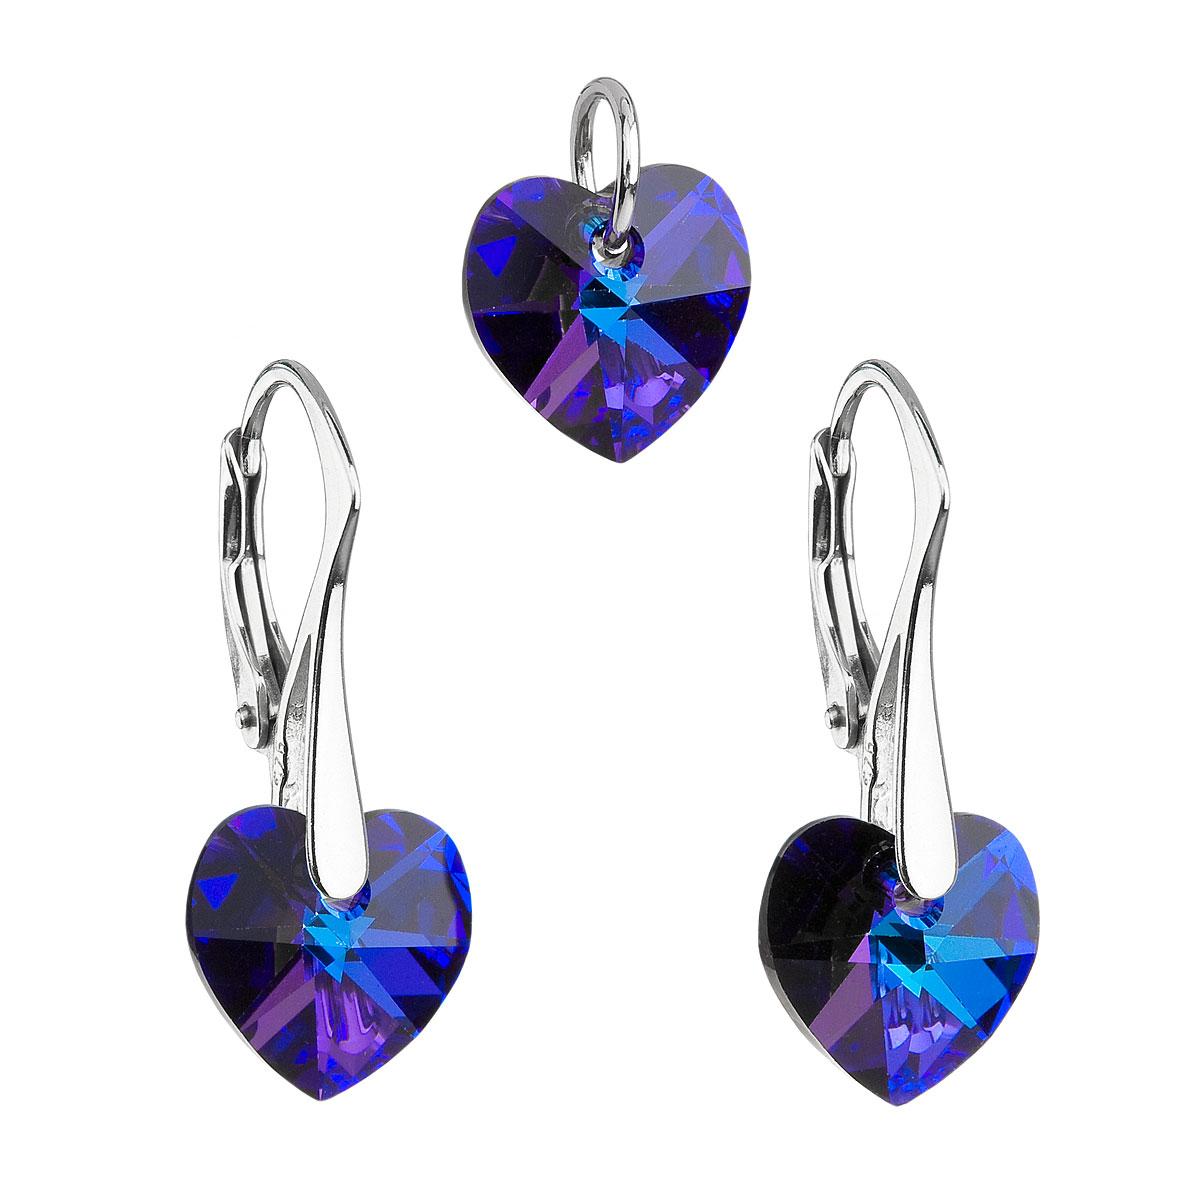 Evolution Group Sada šperků s krystaly Swarovski náušnice a přívěsek modrá srdce 39003.5 heliotrope